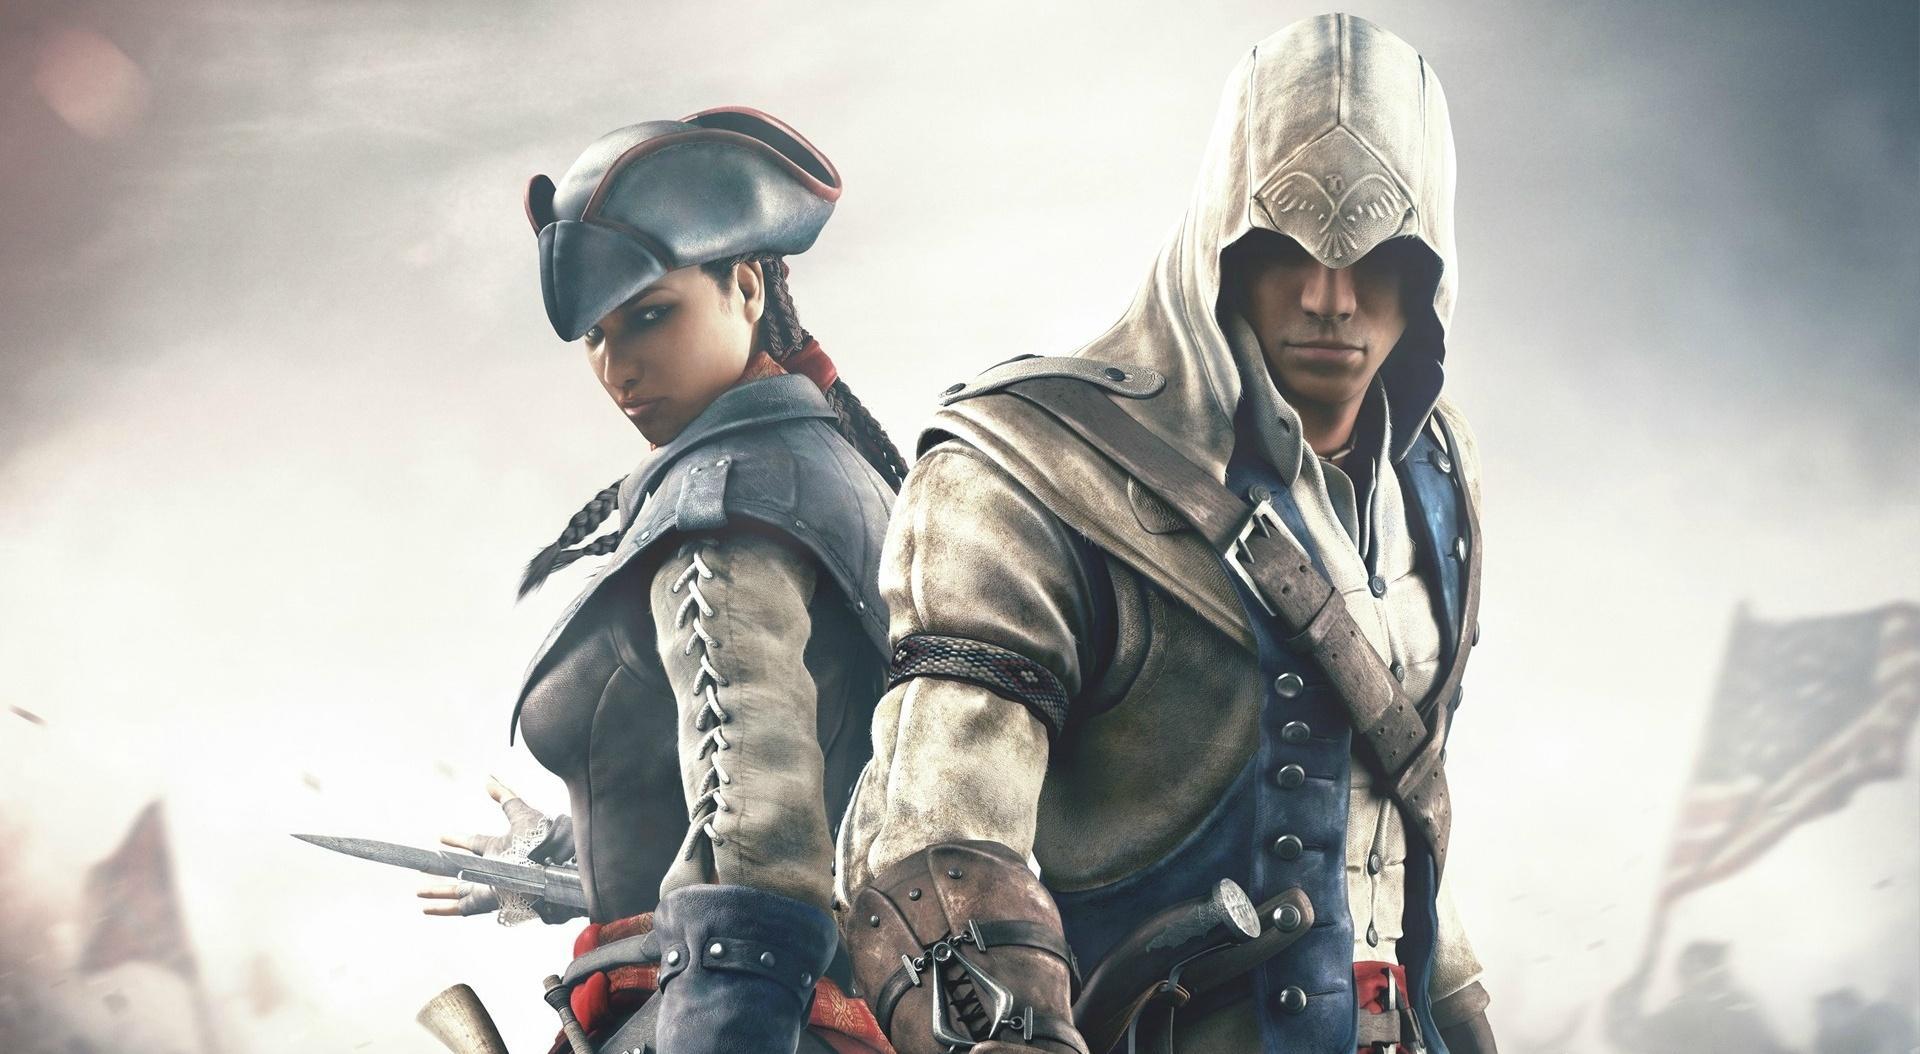 Varejistas da República Tcheca listam Assassin's Creed III Liberation Collection para o Nintendo Switch